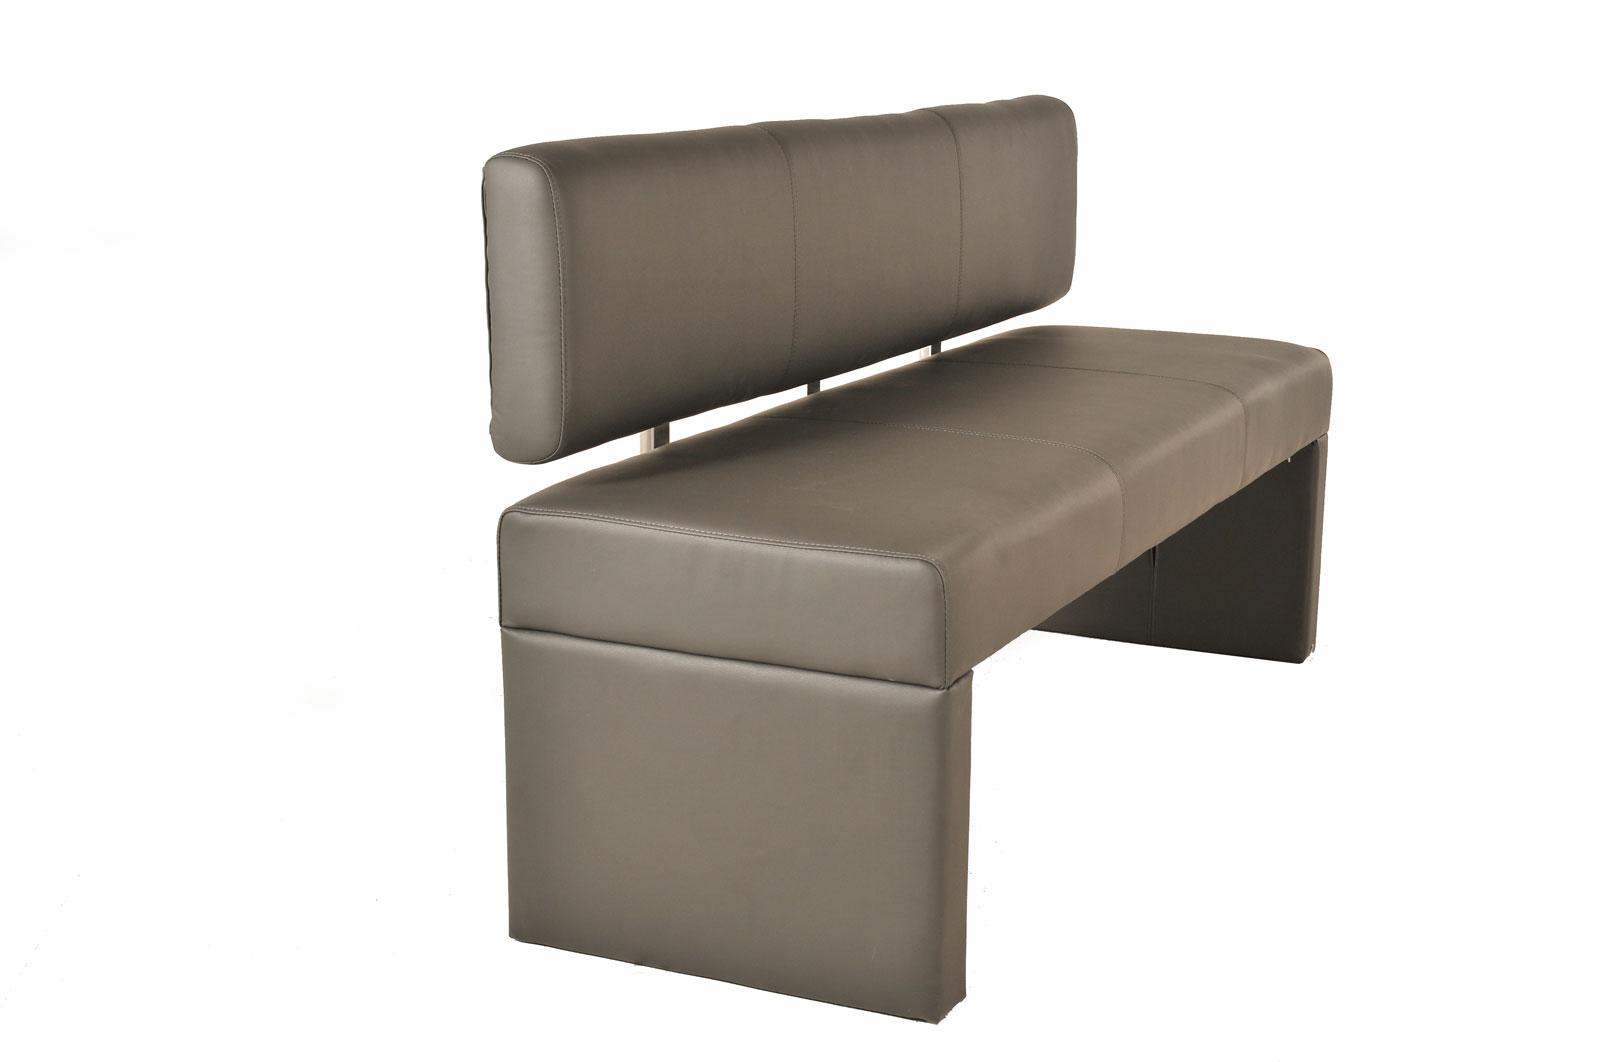 sam sitzbank sina 80 cm recyceltes leder muddy auf lager. Black Bedroom Furniture Sets. Home Design Ideas